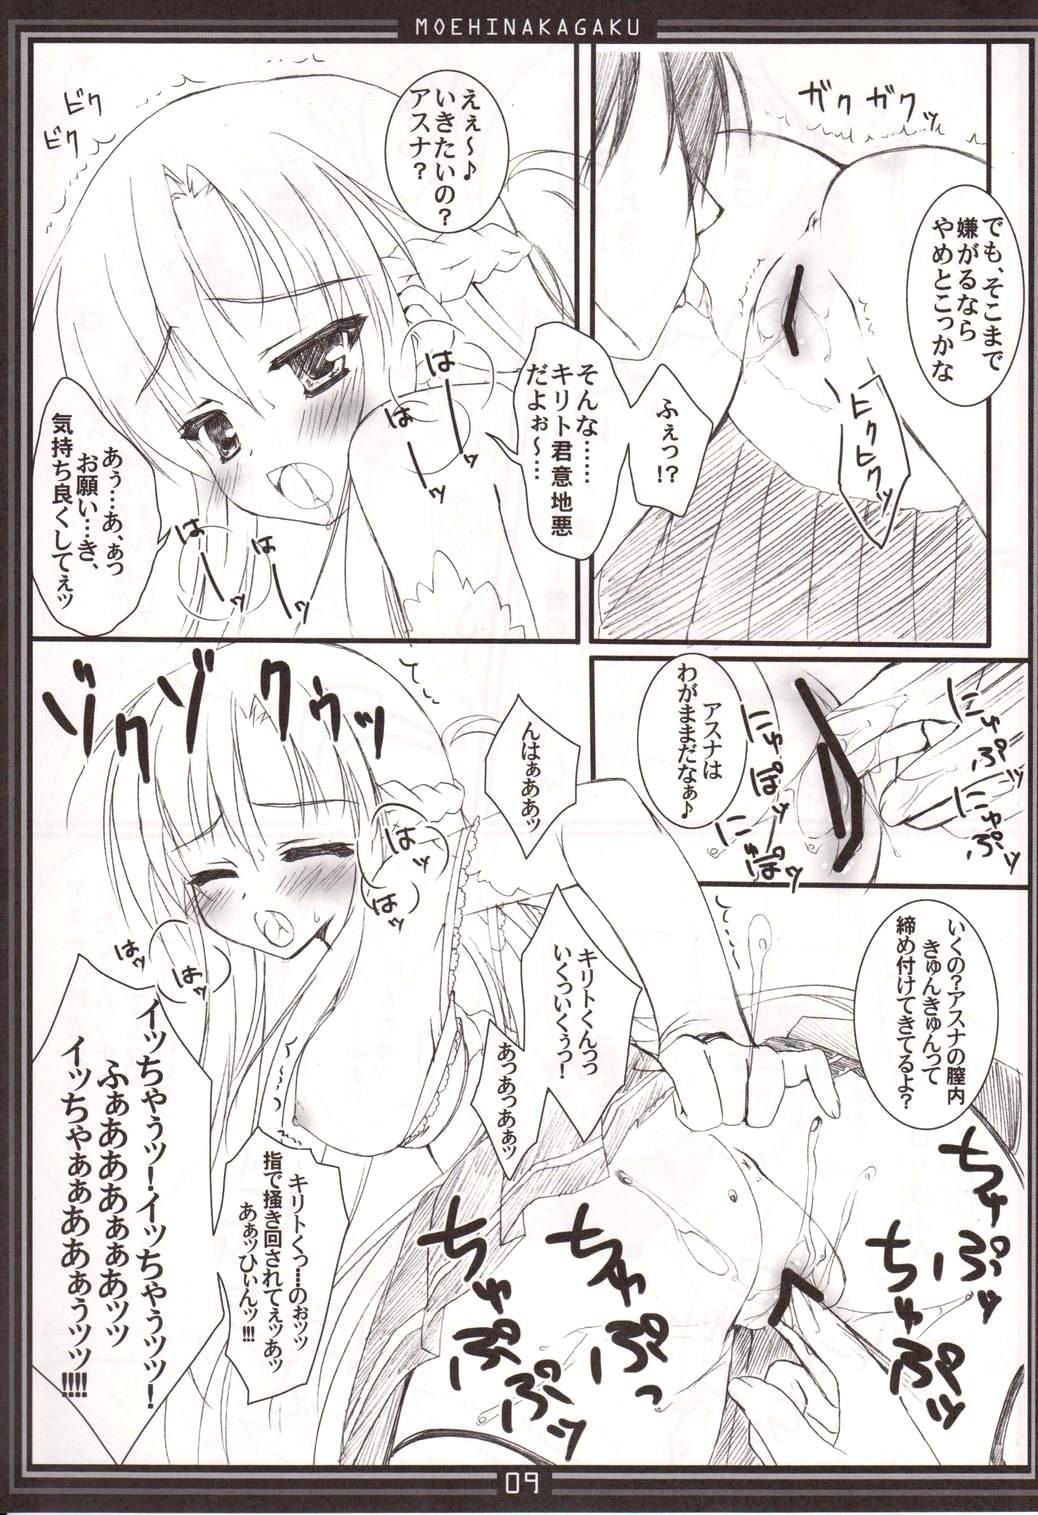 Moehina Jiyuu Vol. 02 7